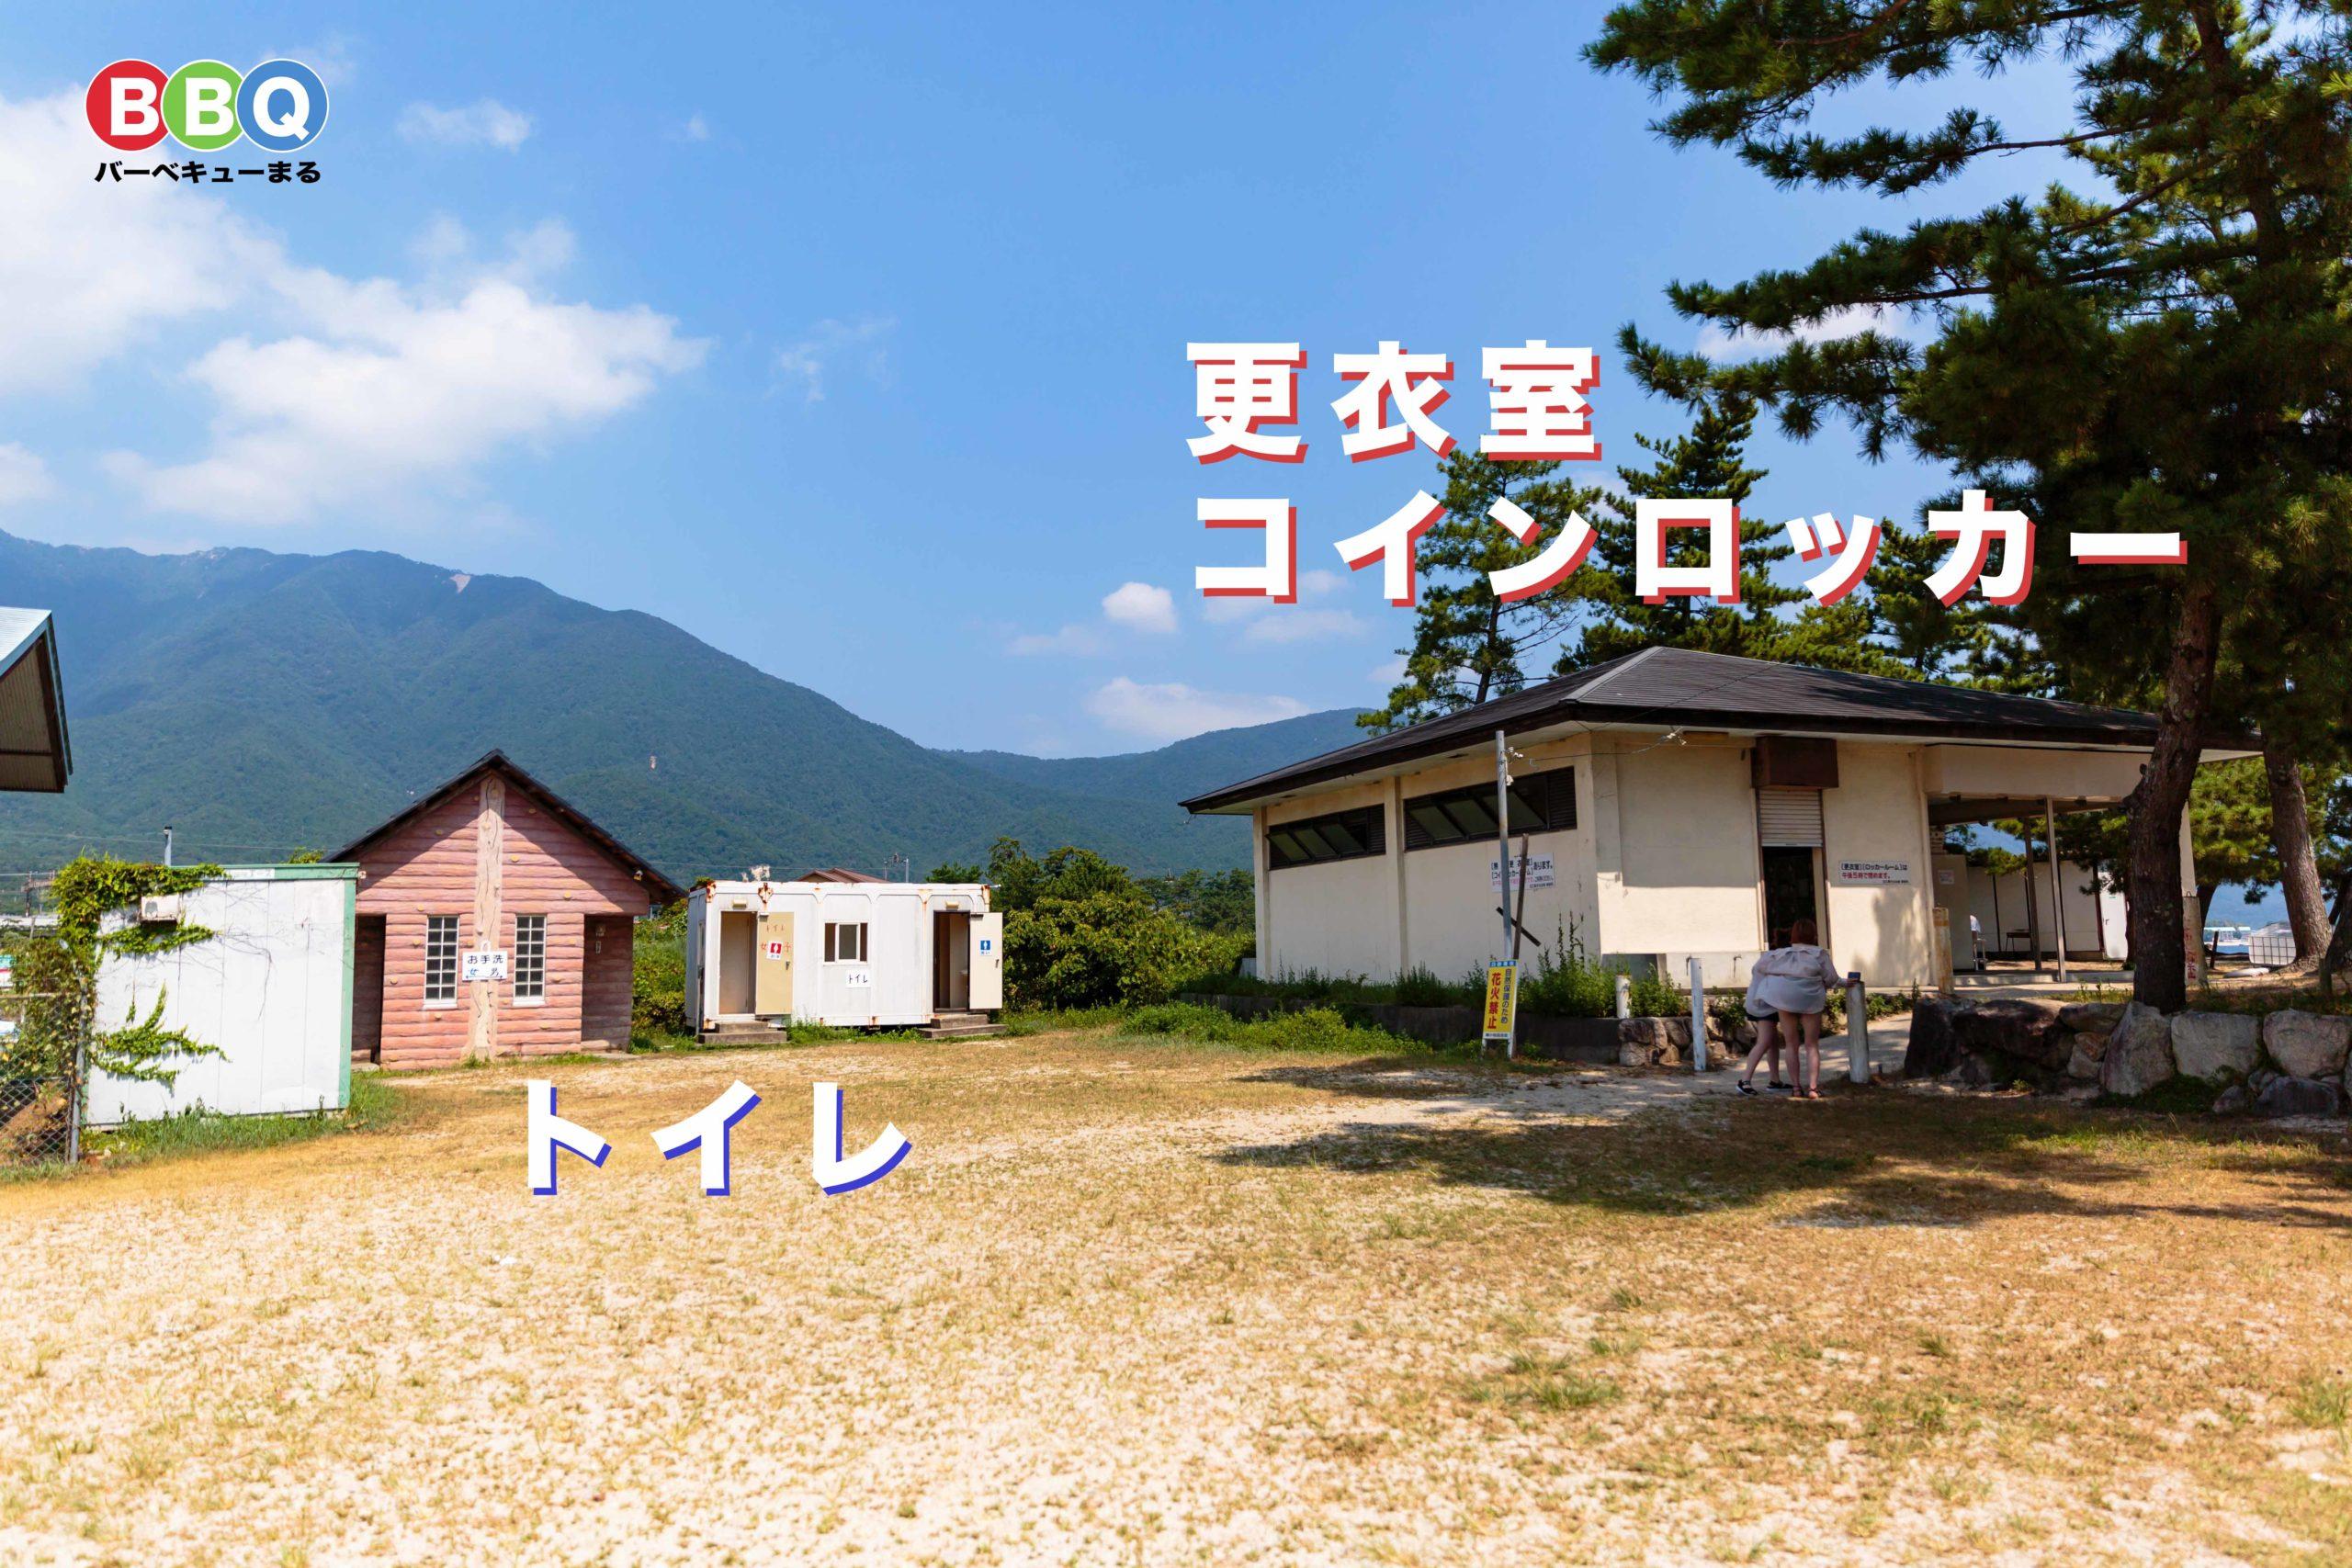 近江舞子中浜水泳場のコインロッカーとトイレ、更衣室